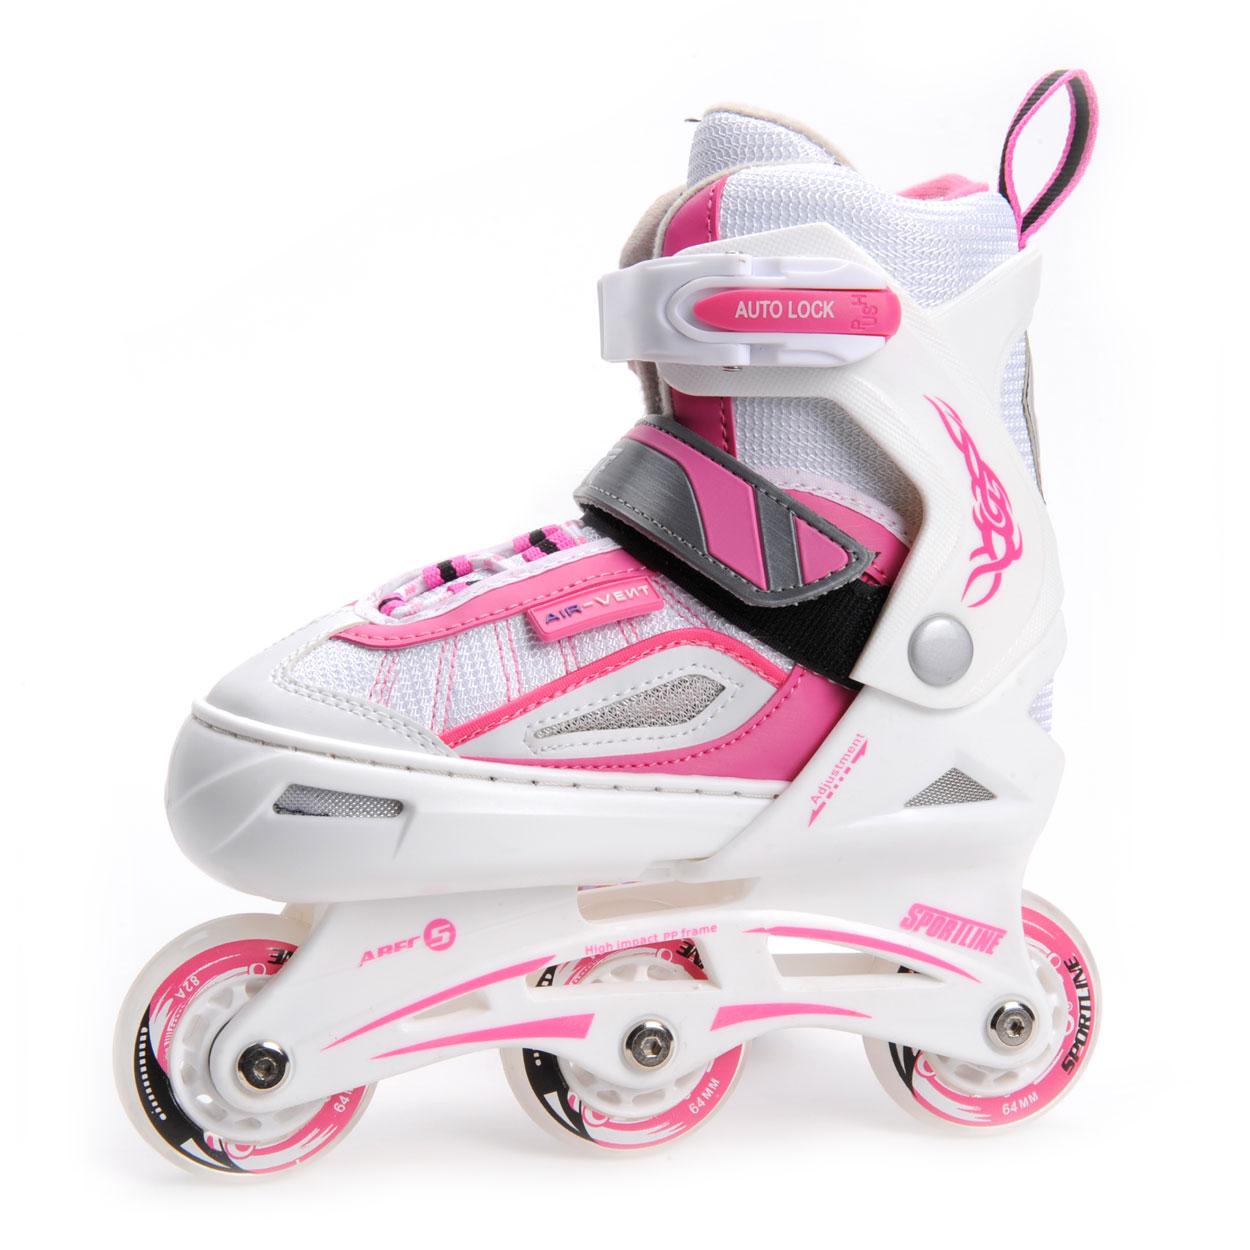 40765115a69 Sportline In-line Skates Meisje, maat 28-31 online kopen   Lobbes.nl